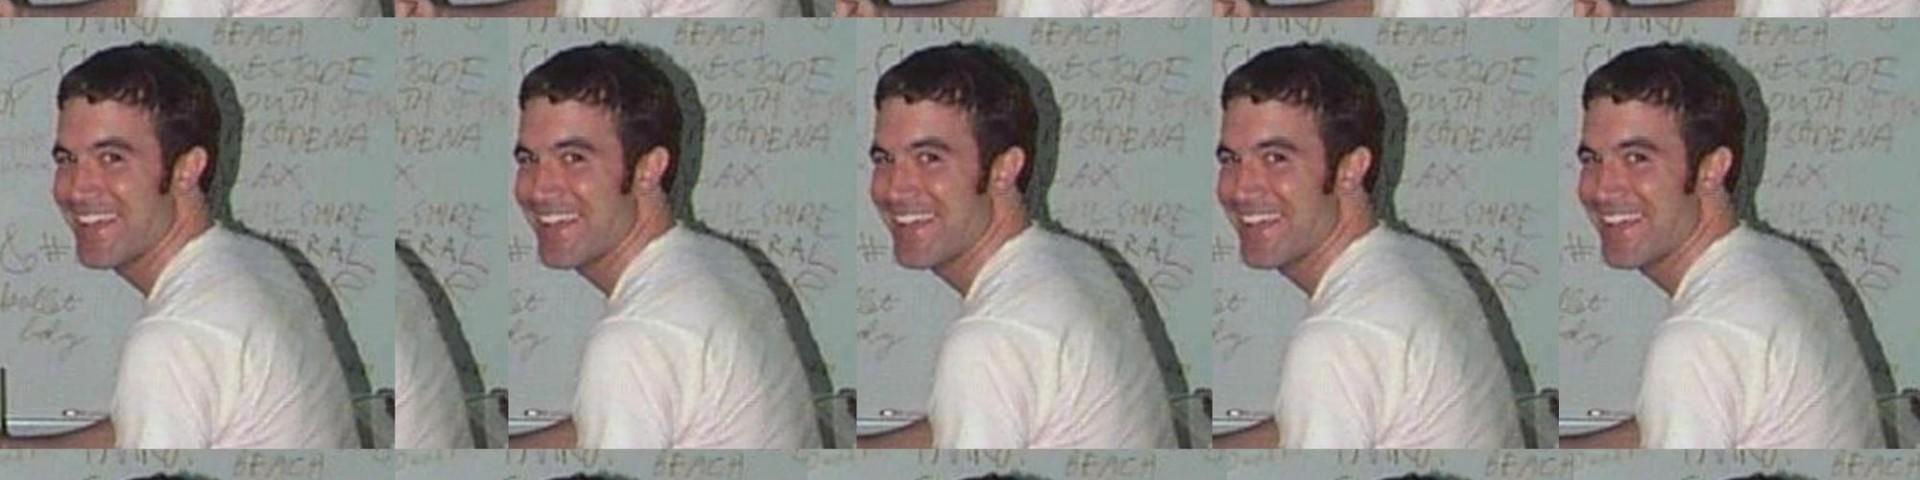 Che fine ha fatto Tom di Myspace?